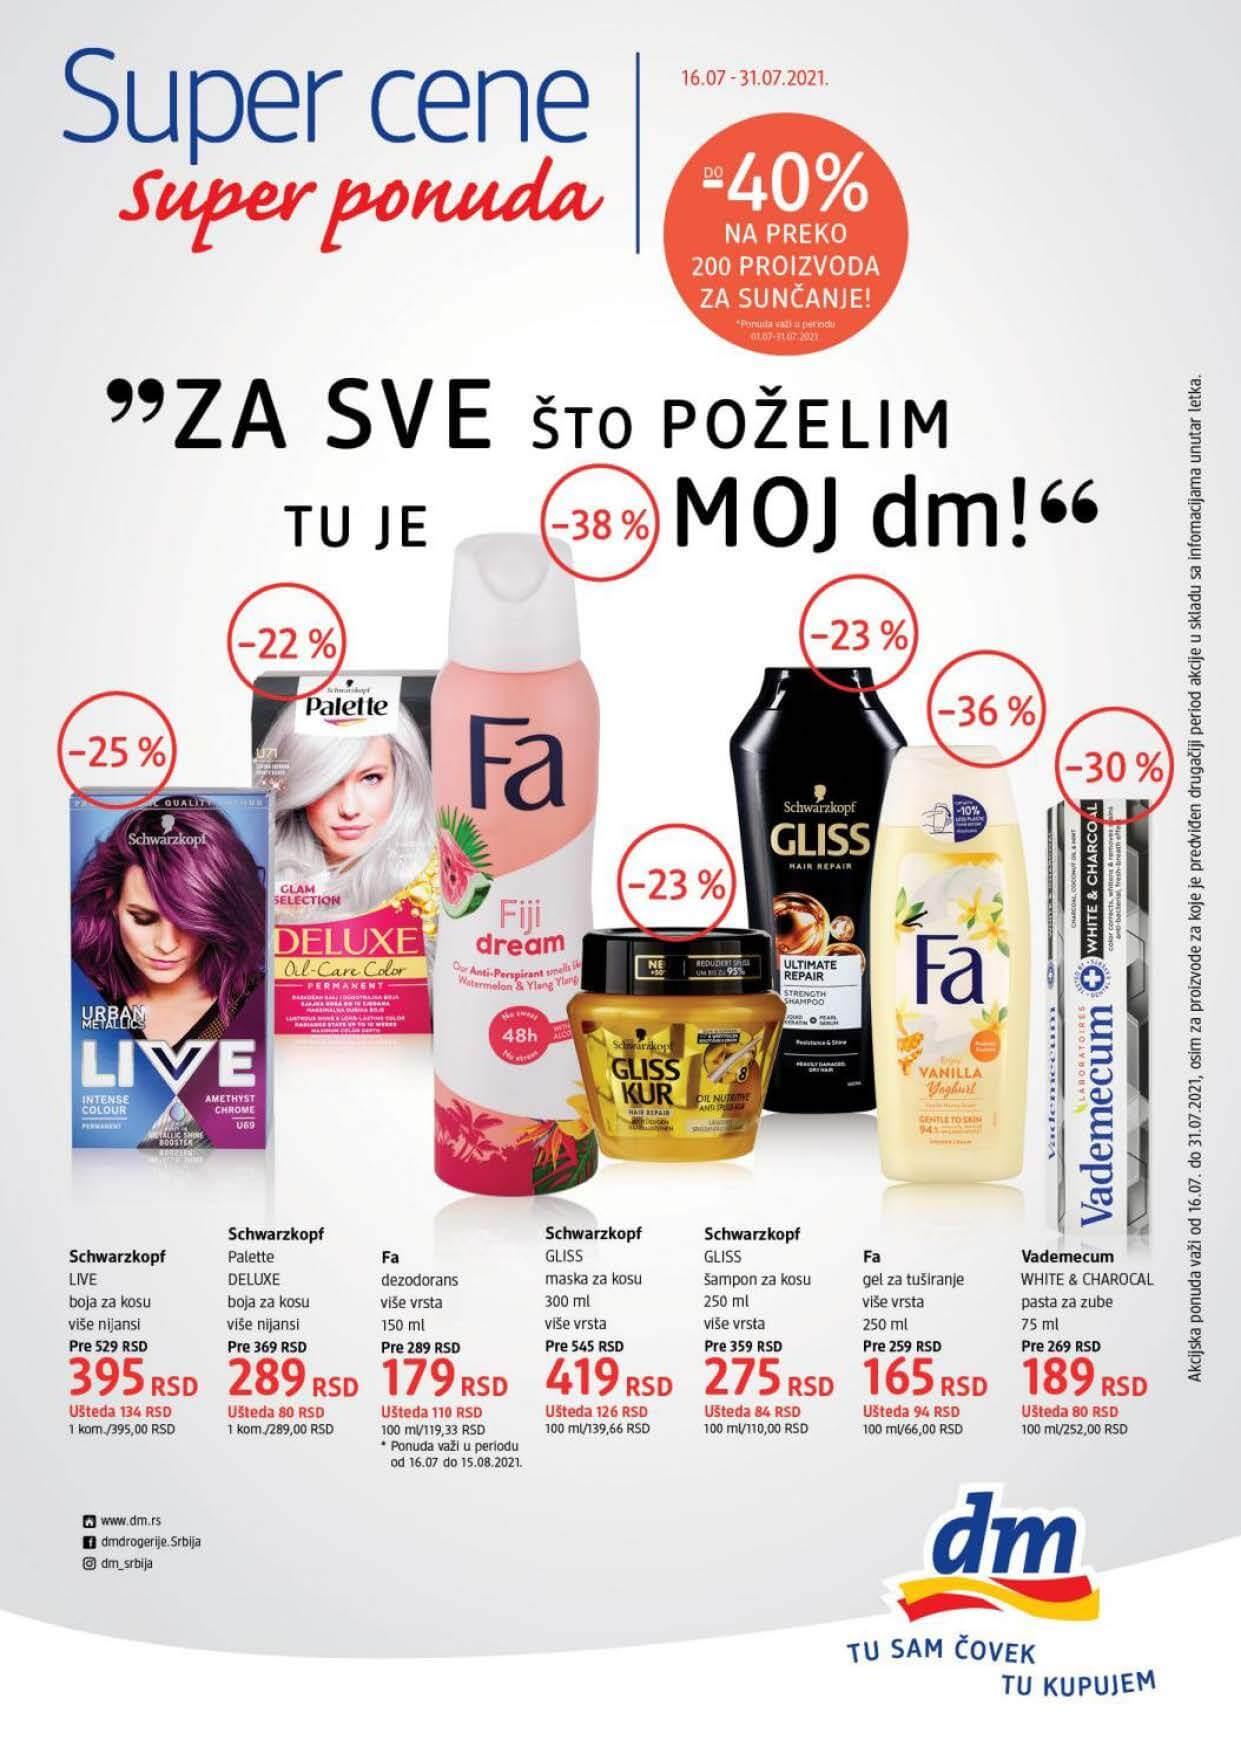 DM Katalog Srbija Super cene Super ponuda JUL 2021 16.7.2021. 31.7.2021. Page 1